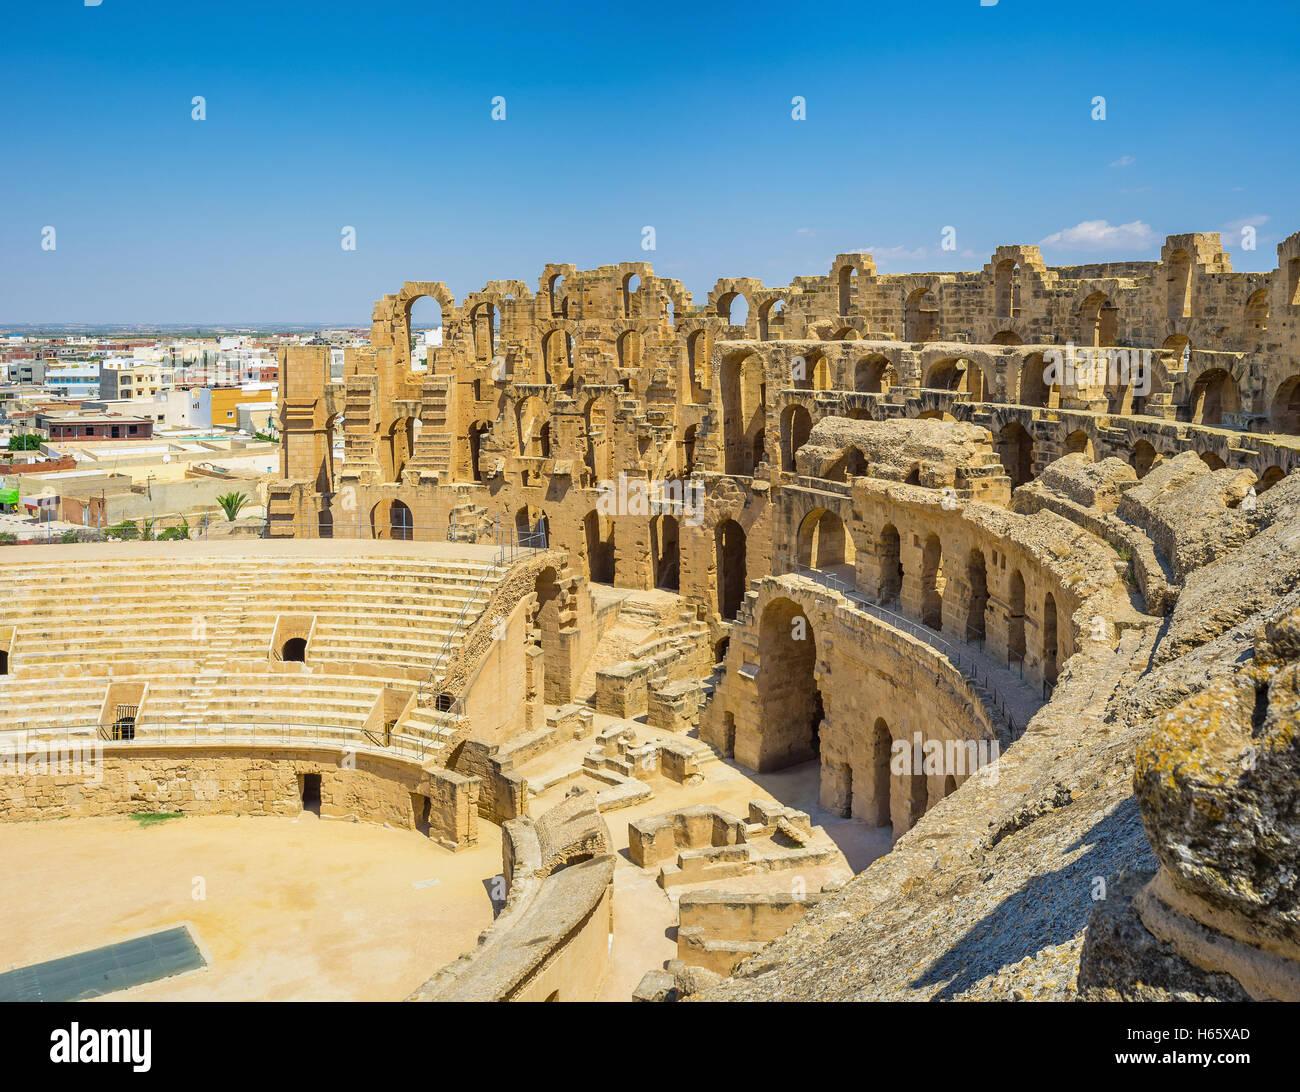 Le célèbre amphithéâtre d'El Jem est l'un des monuments les mieux conservés de Photo Stock